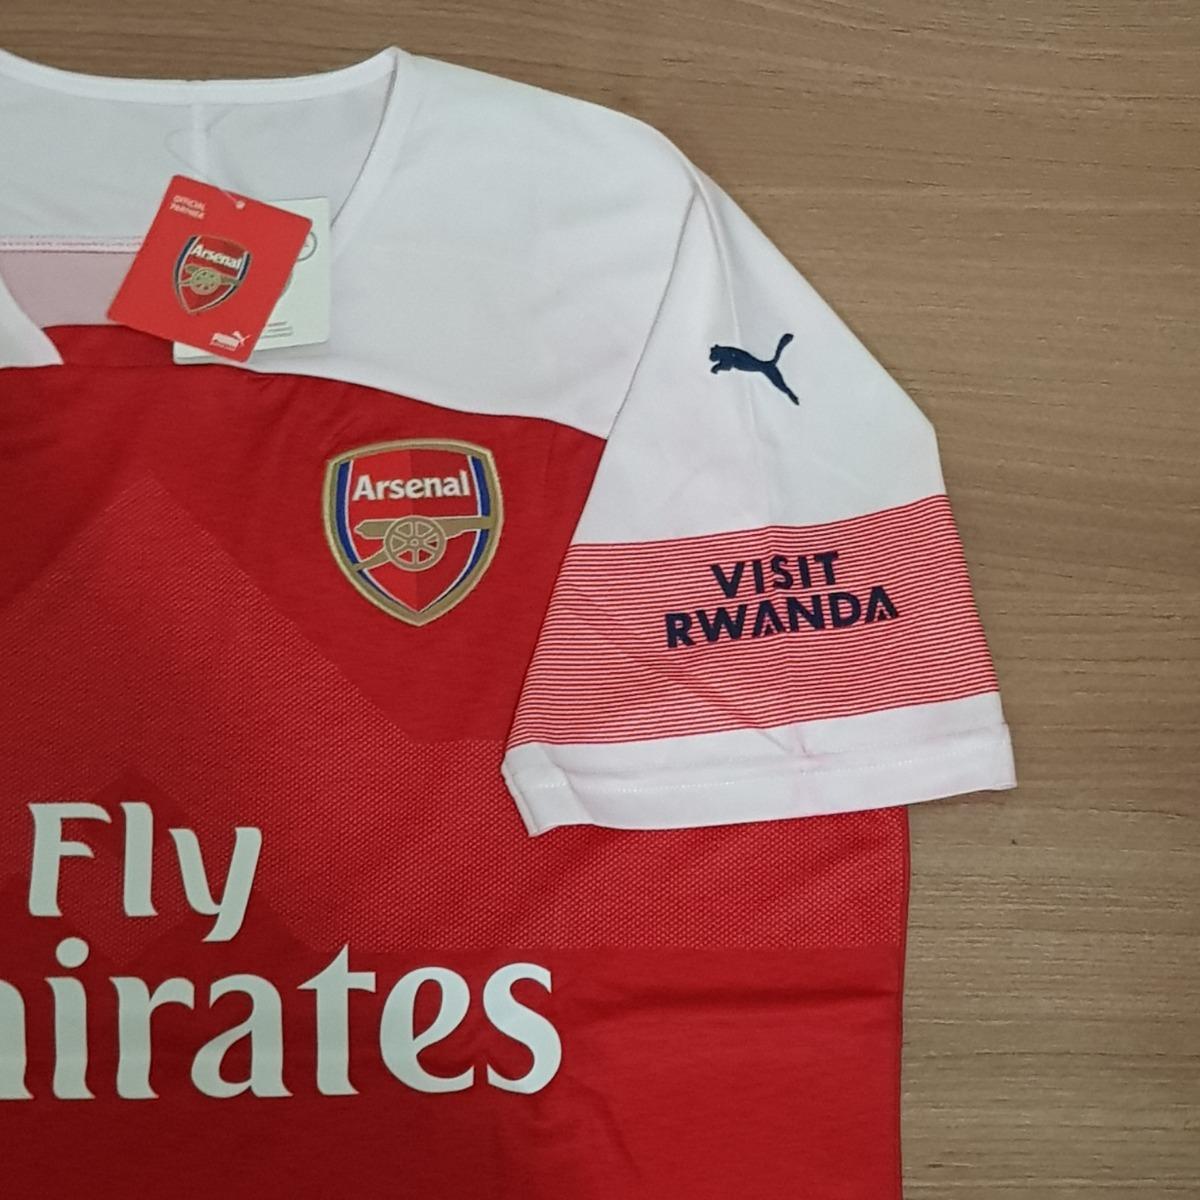 Camisa Arsenal Home 2019 Drycell Pronta Entrega - R  149 5779e2f3a0cff